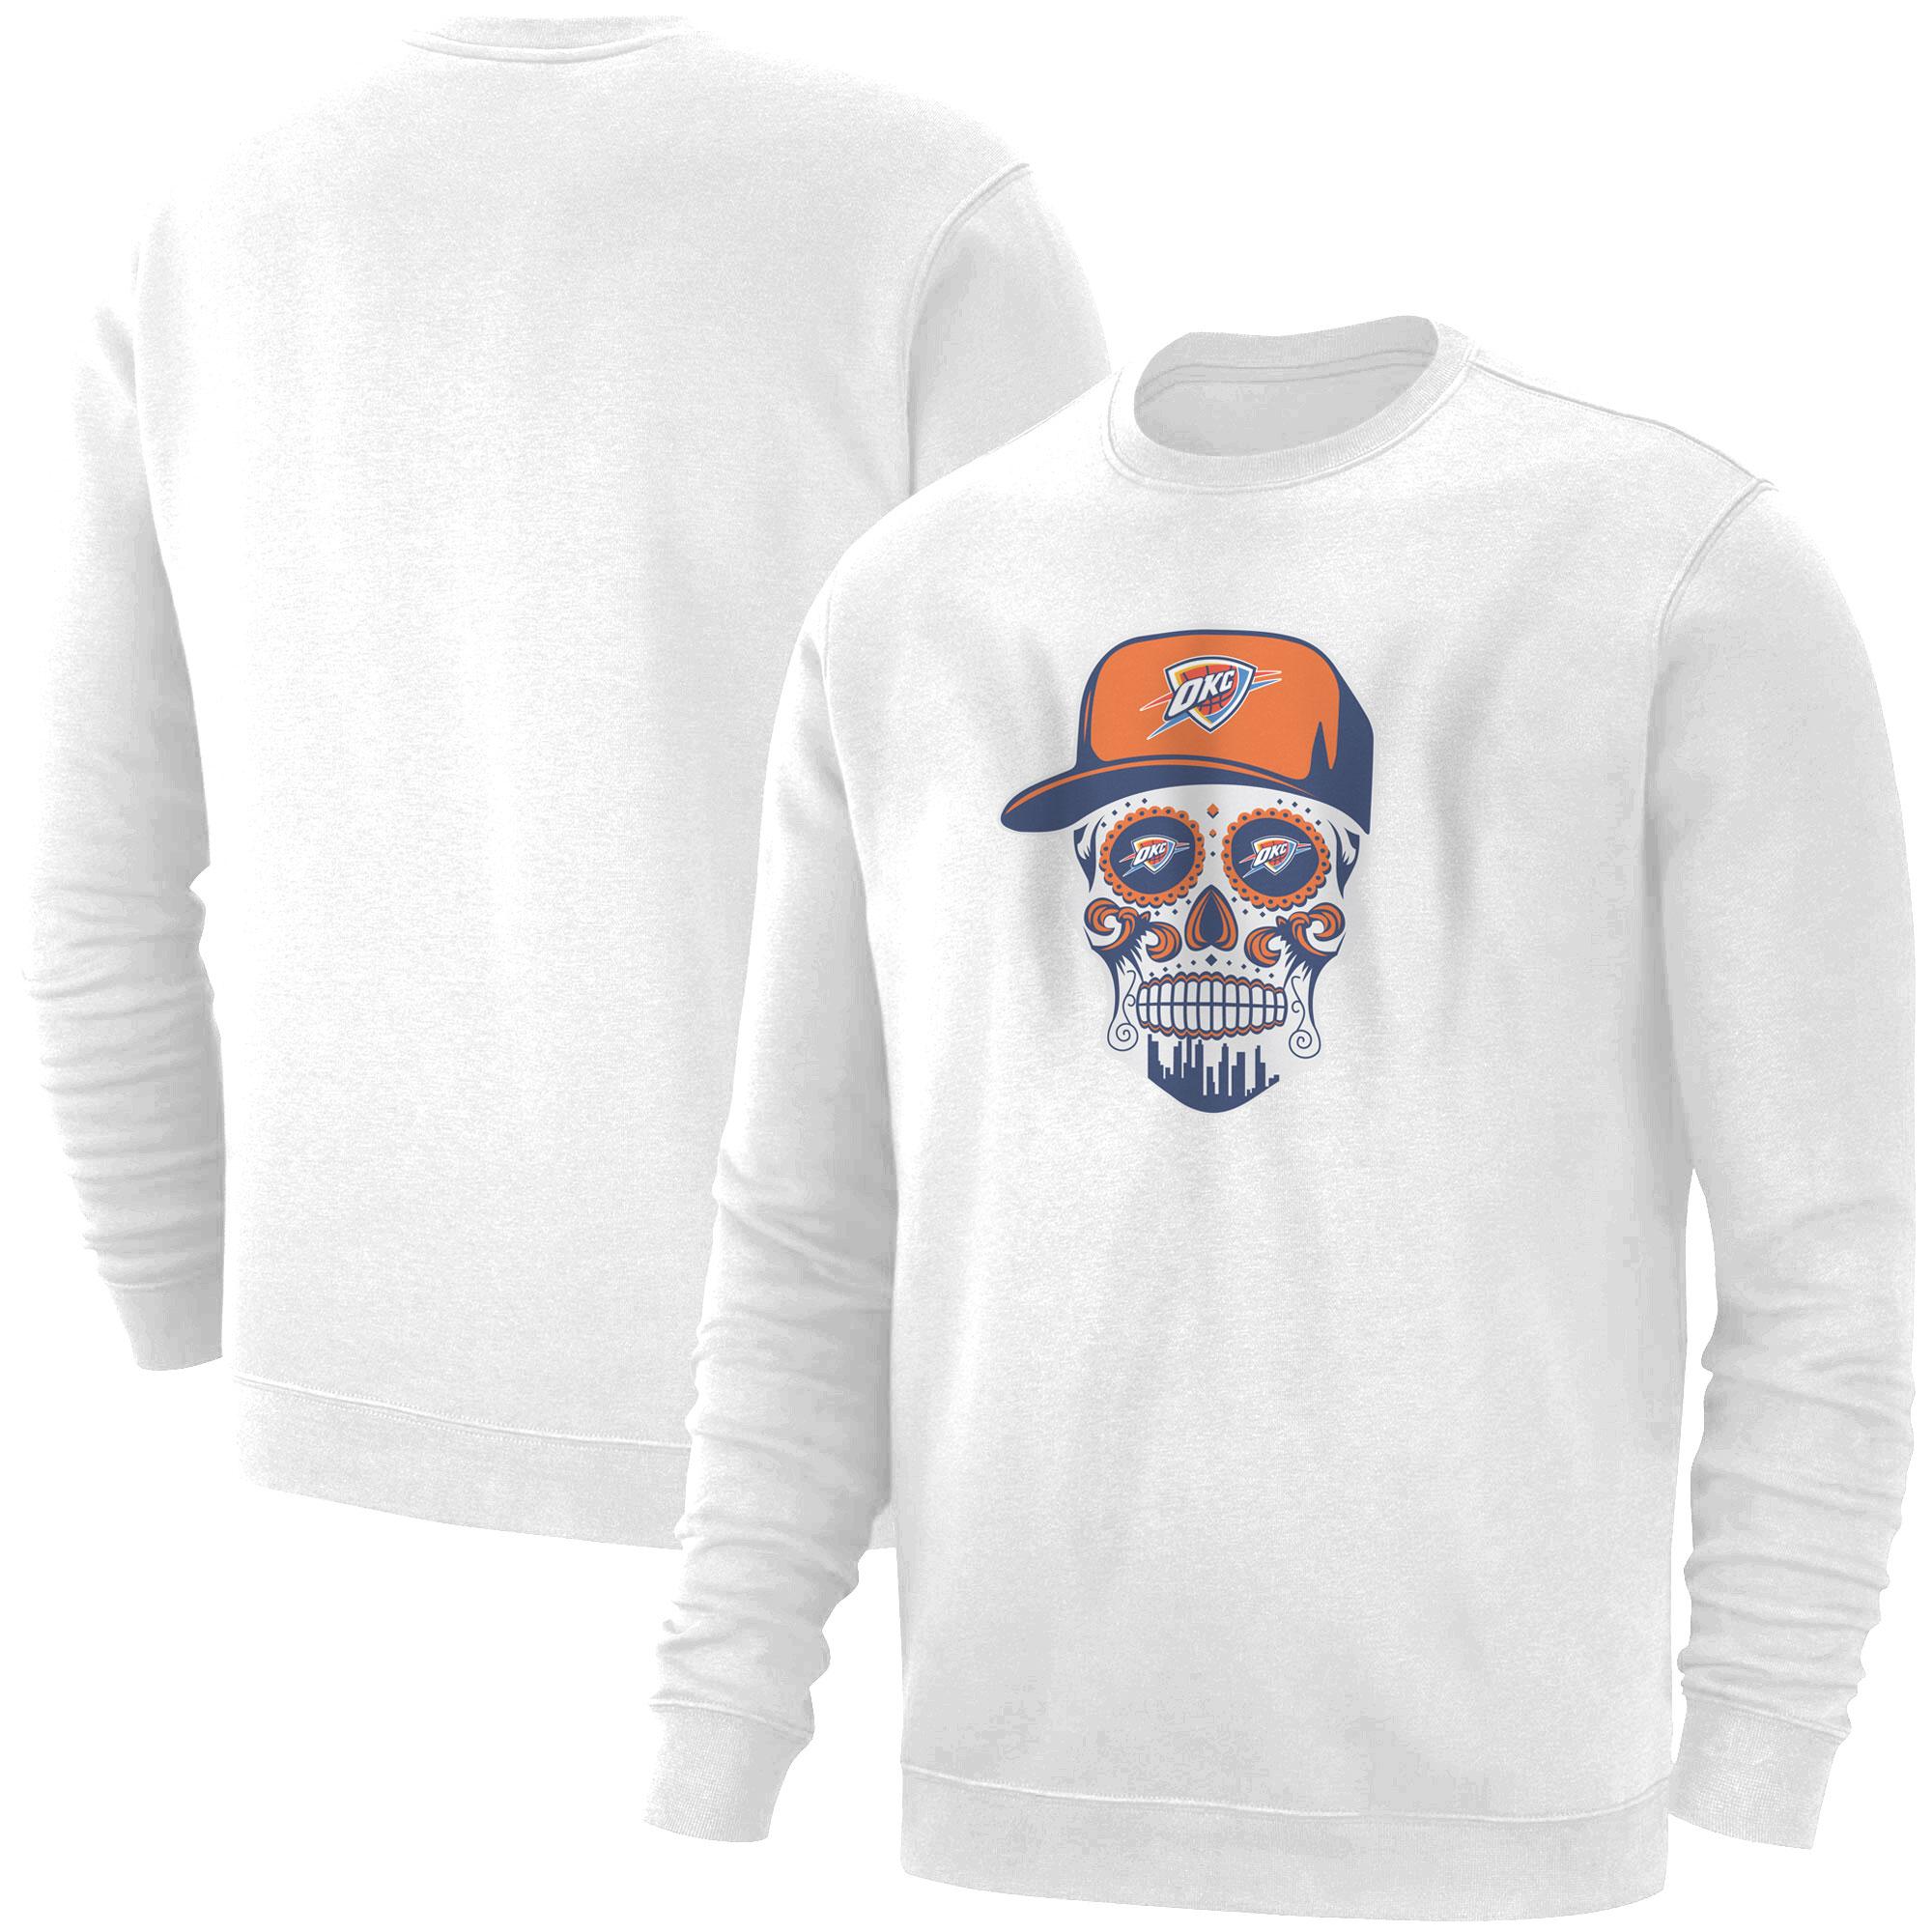 Thunder Skull  Basic (BSC-WHT-NP-459-NBA-OKC-SKULL)